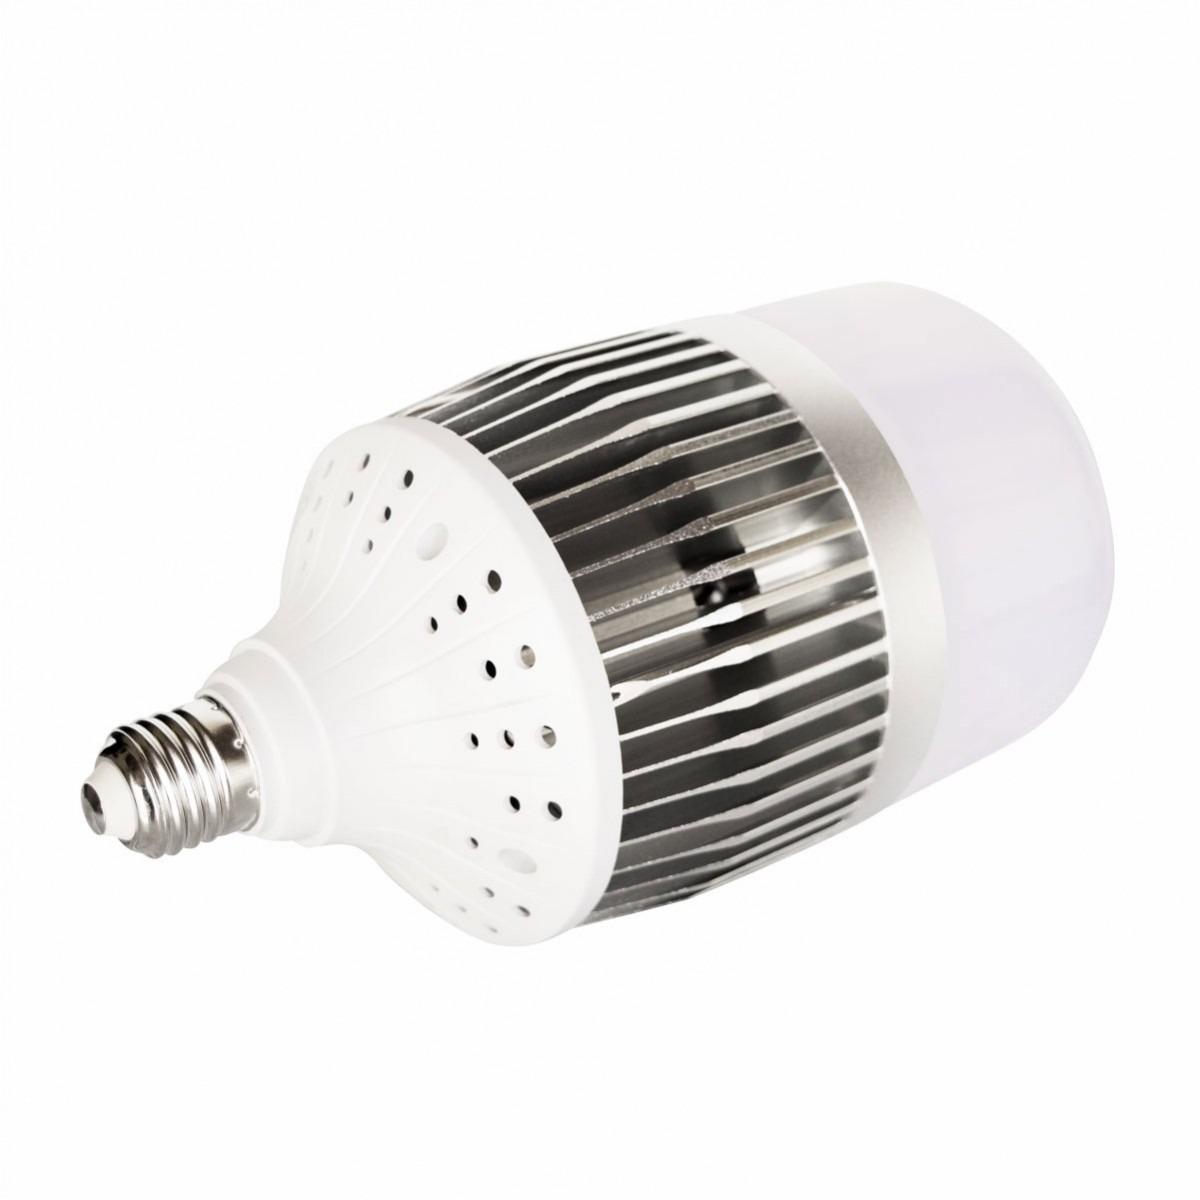 kit 2 lampada led bulbo e27 6000k bivolt 150w branco frio - r$ 579